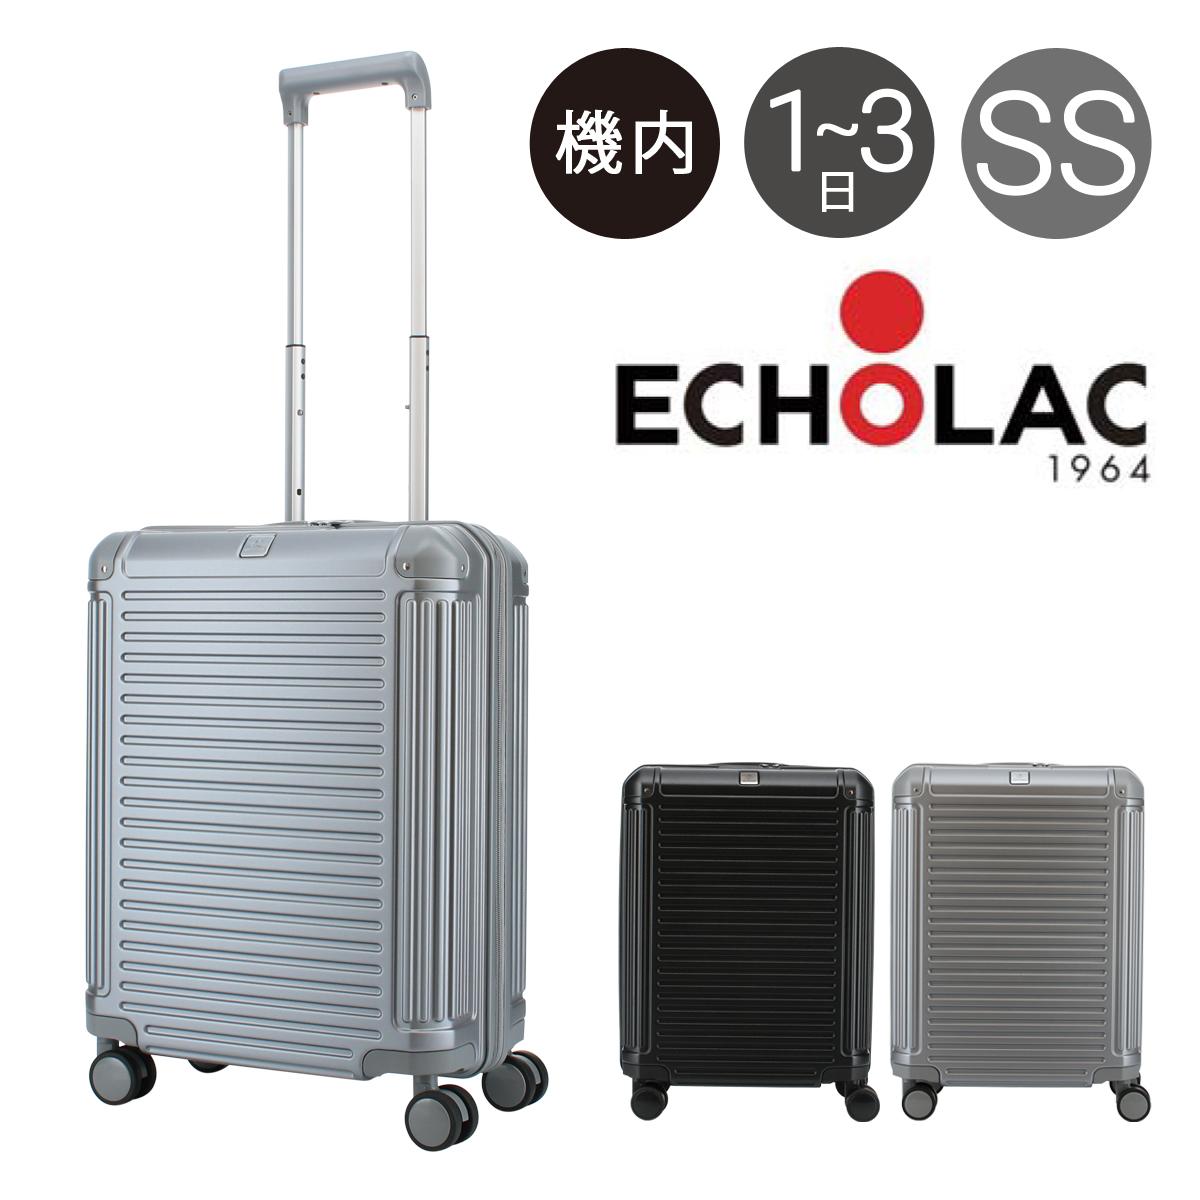 エコーラック スーツケース コンウッド 37L 38cm 2.7kg PC158-20 ECHOLAC | ハード ファスナー | TSAロック搭載 [bef]